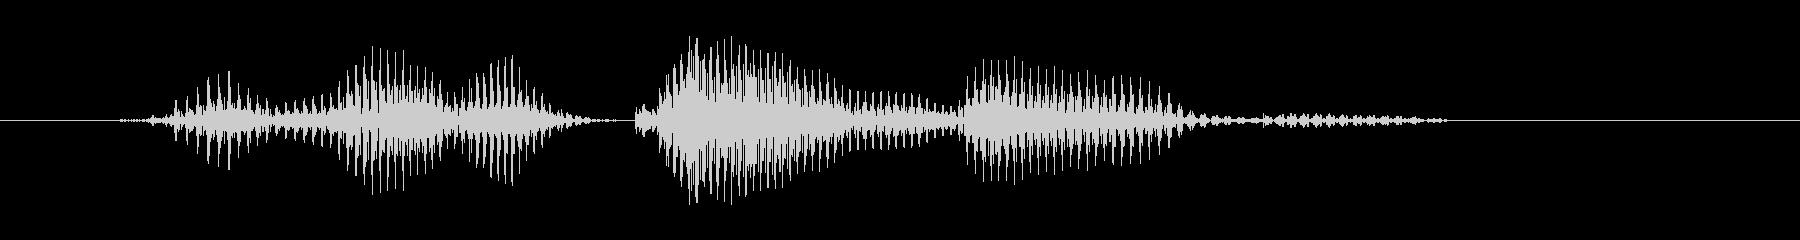 アメリカンリーグの未再生の波形